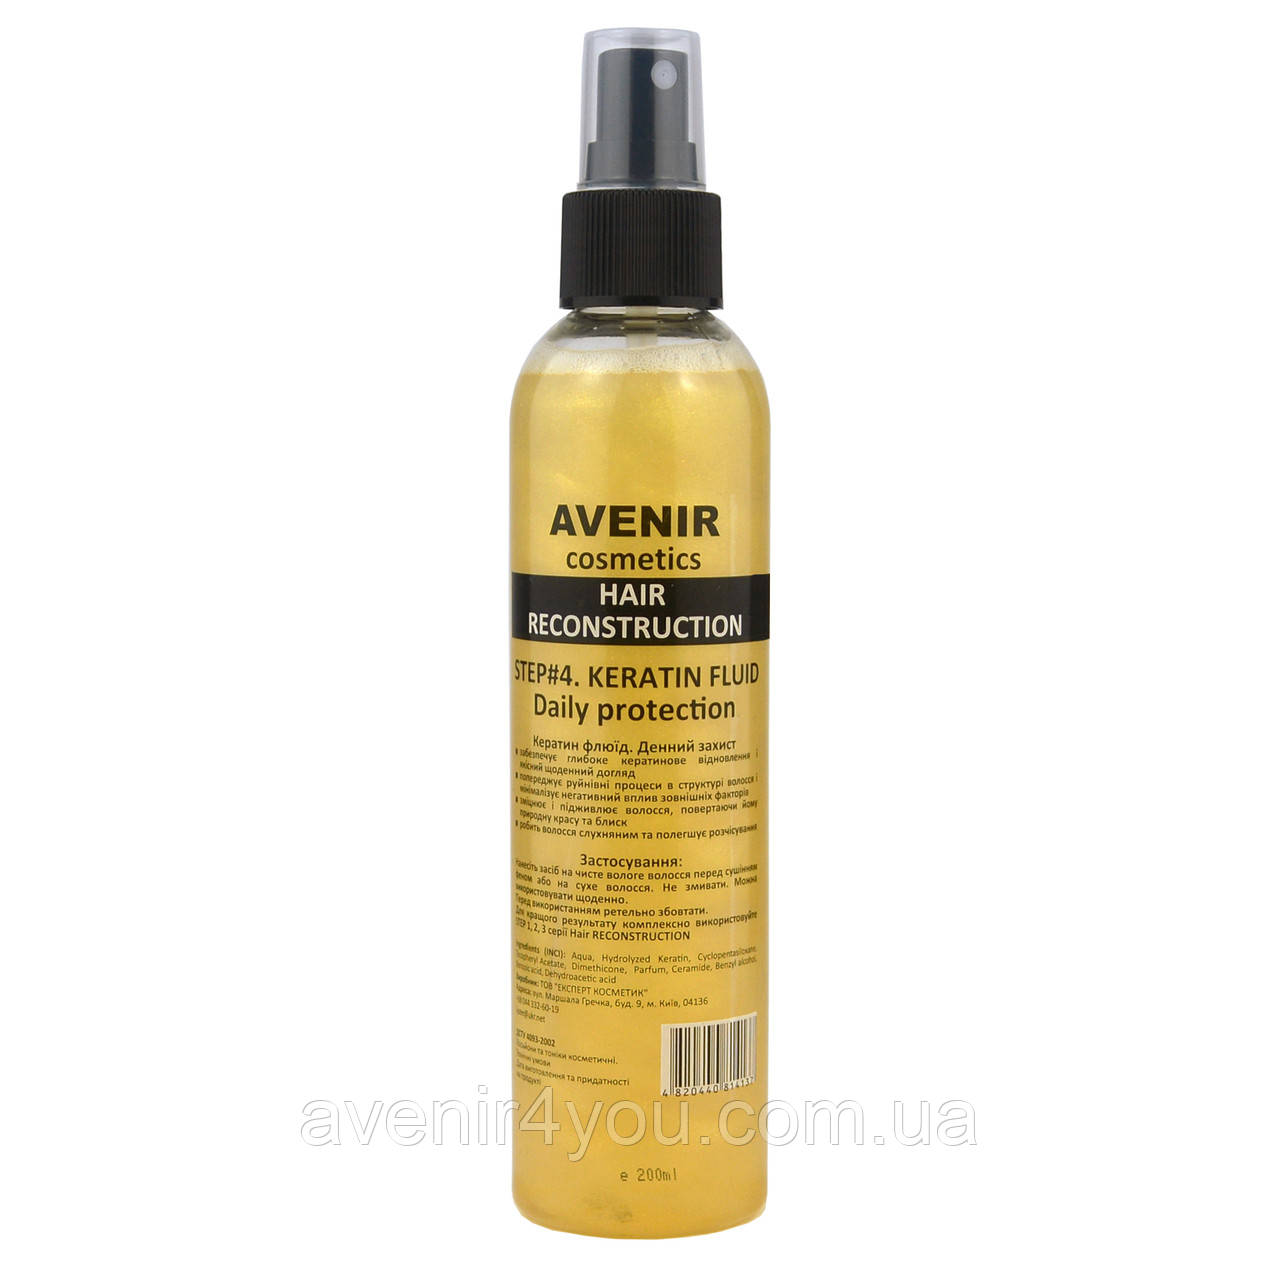 Комплекс для восстановления волос Hair Reconstruction Шаг#4. Кератин флюид Дневная защита